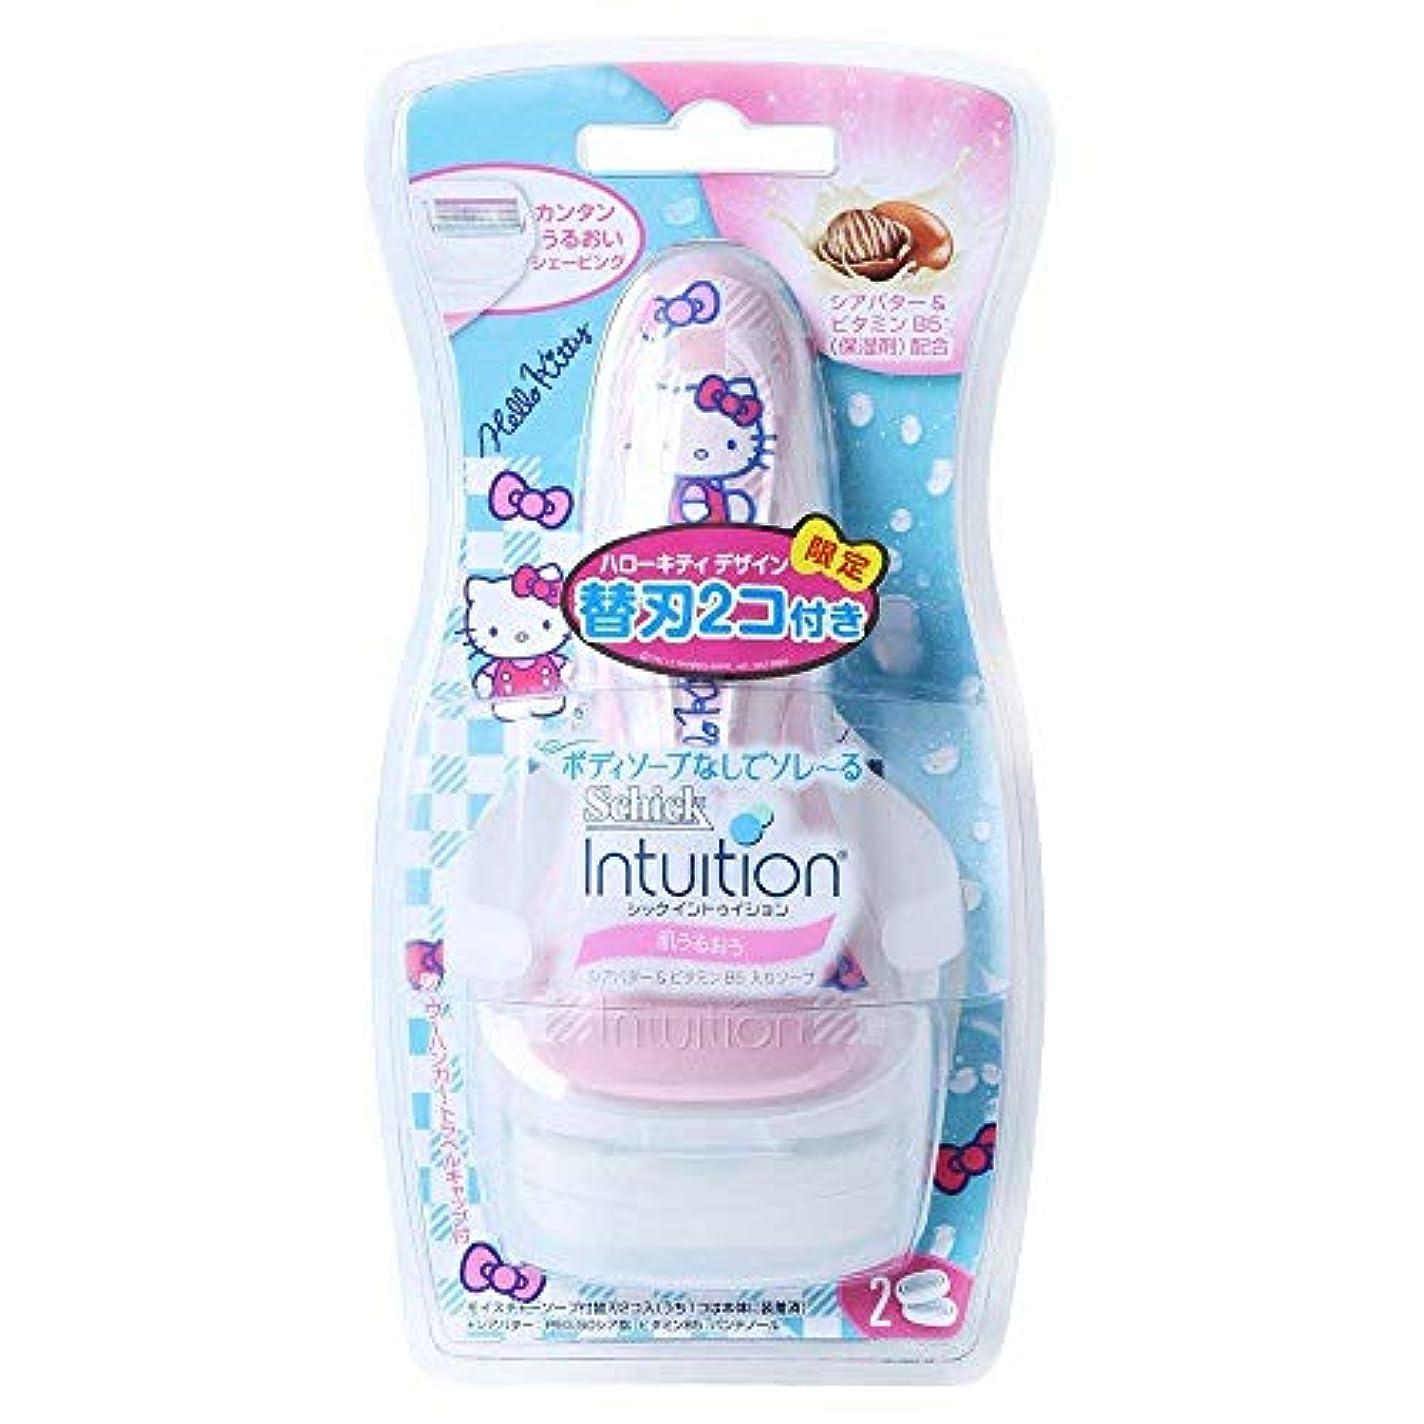 新しさ中級レジSchick Intuition Shea Butter Hello Kitty Pink レディースシェーバー [並行輸入品]